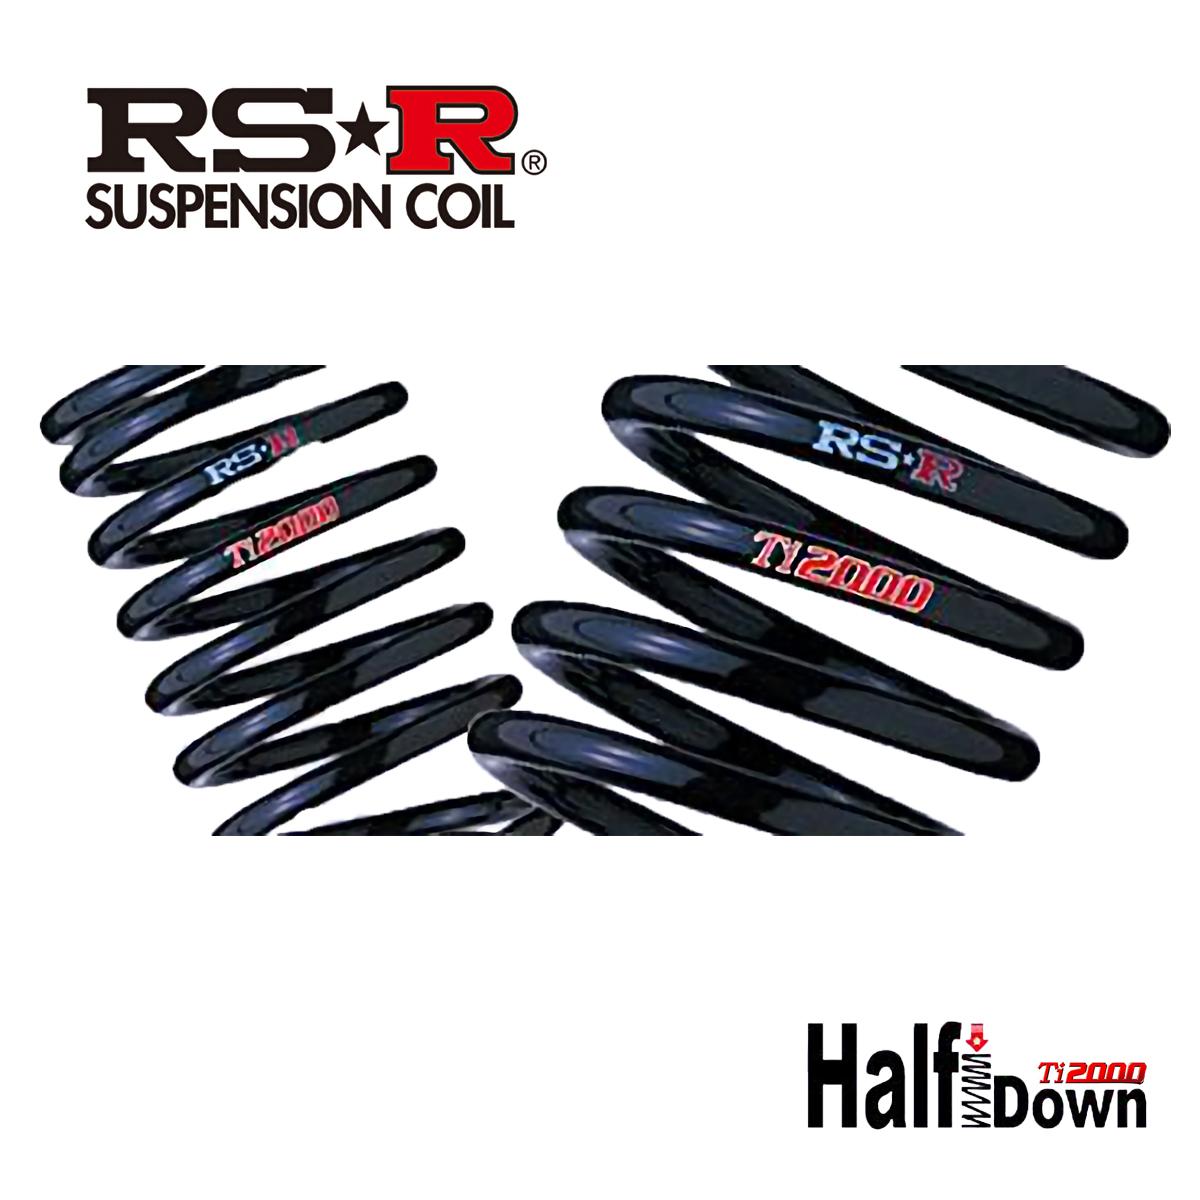 RS-R シエンタ ハイブリッドG NHP170G ダウンサス T895THD Ti2000 ハーフダウン RSR 個人宅発送追金有